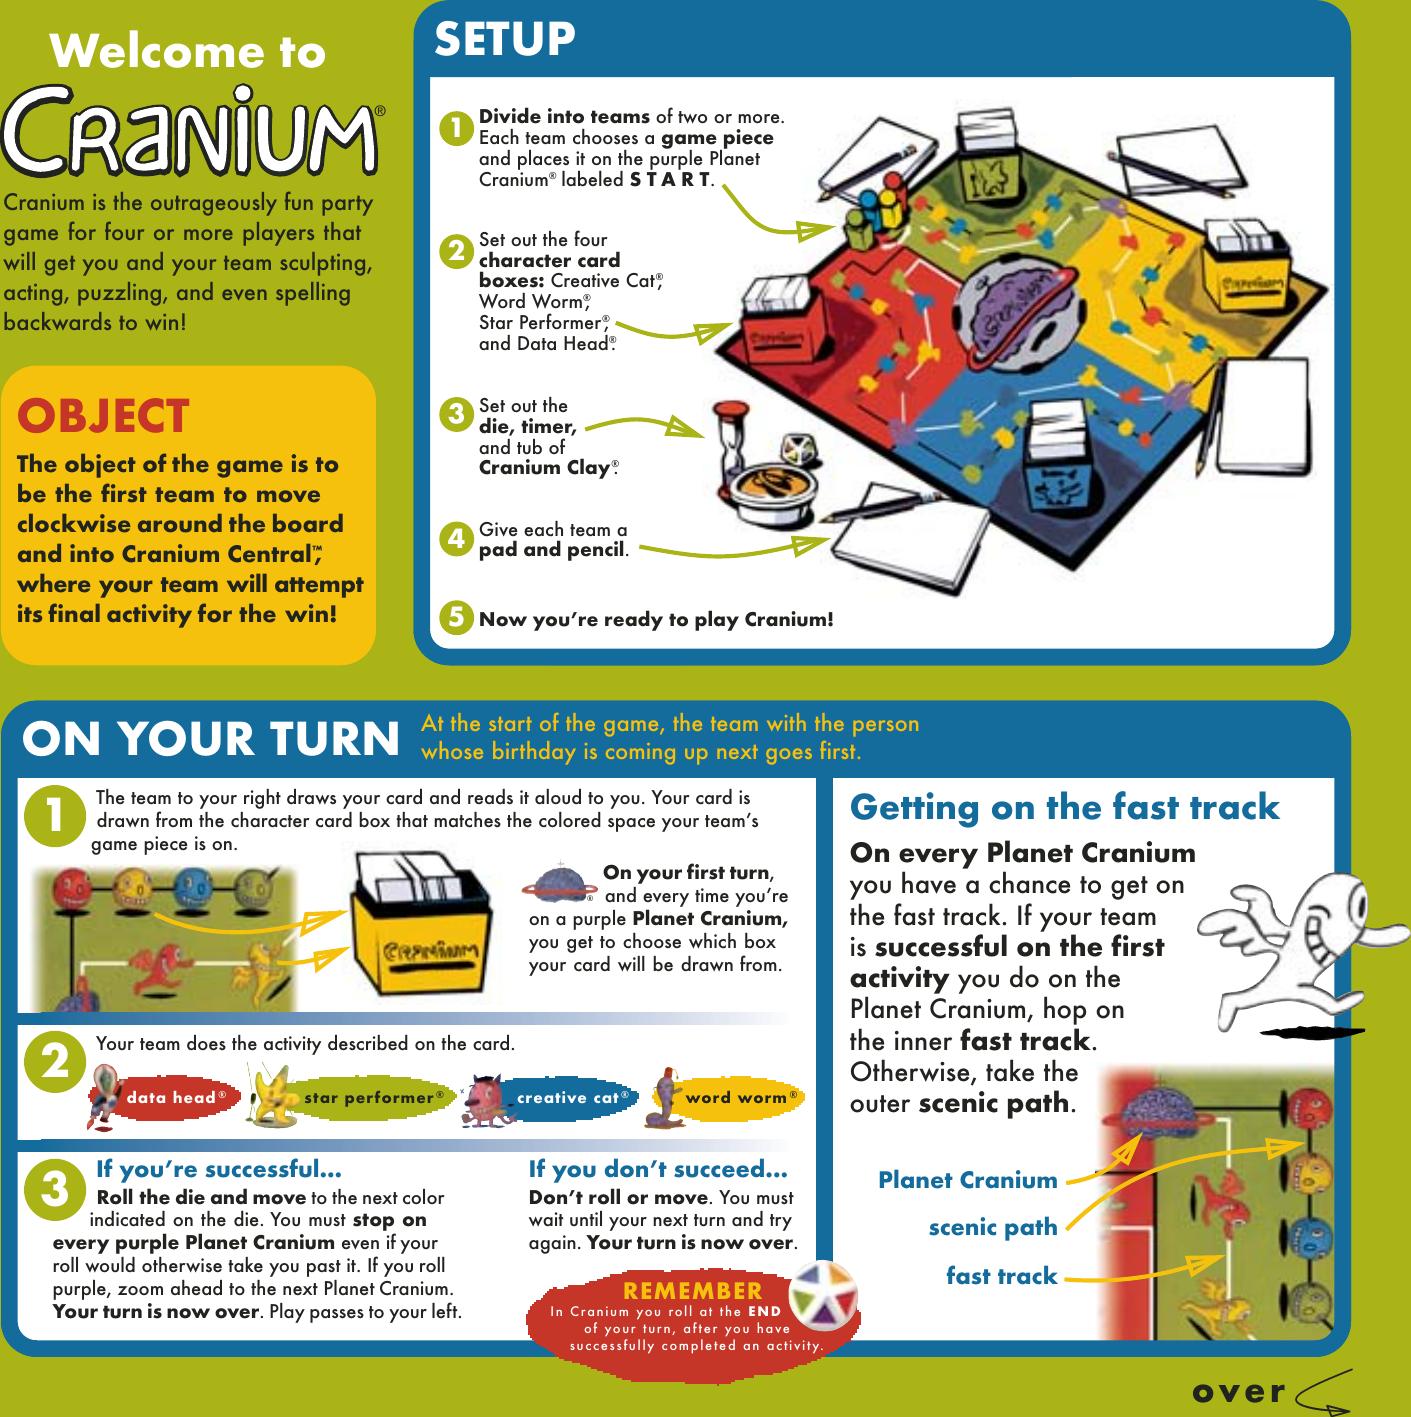 Cranium Tune Twister Games Users Manual P1184craniumusv1p4instr